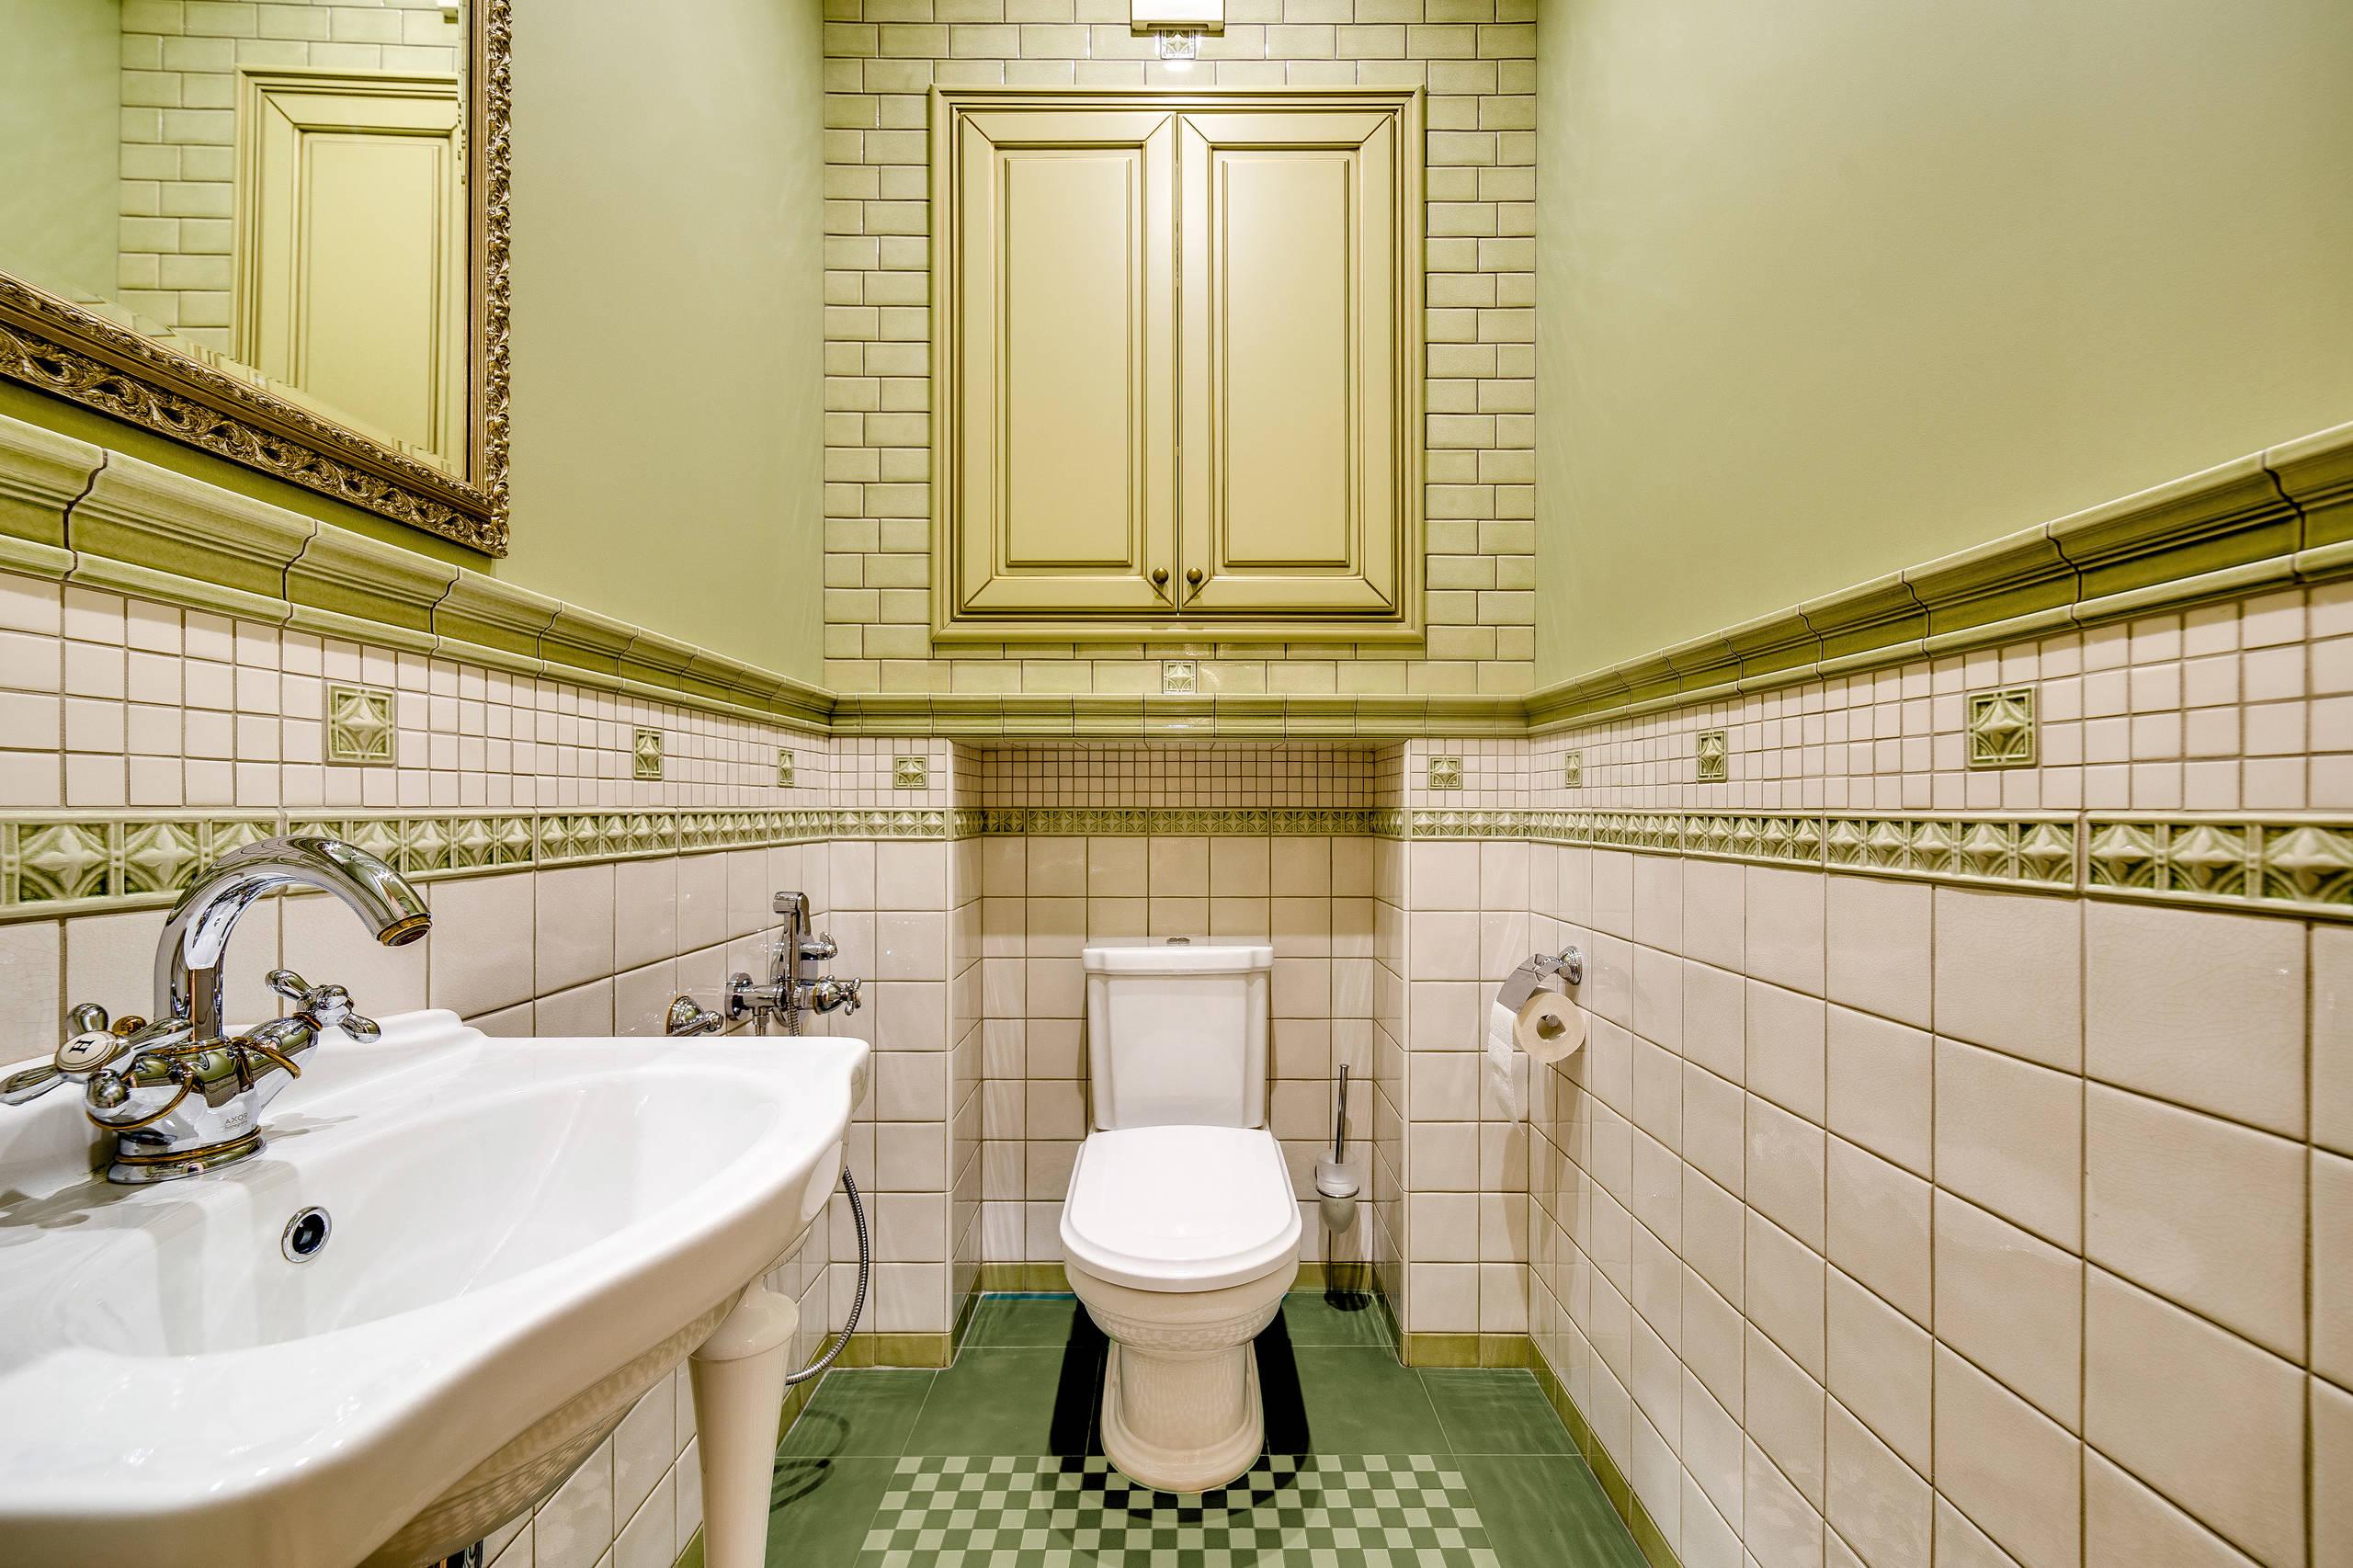 Гигиеническим душем в санузлах оборудовано большинство отелей в странах юго-восточной Азии